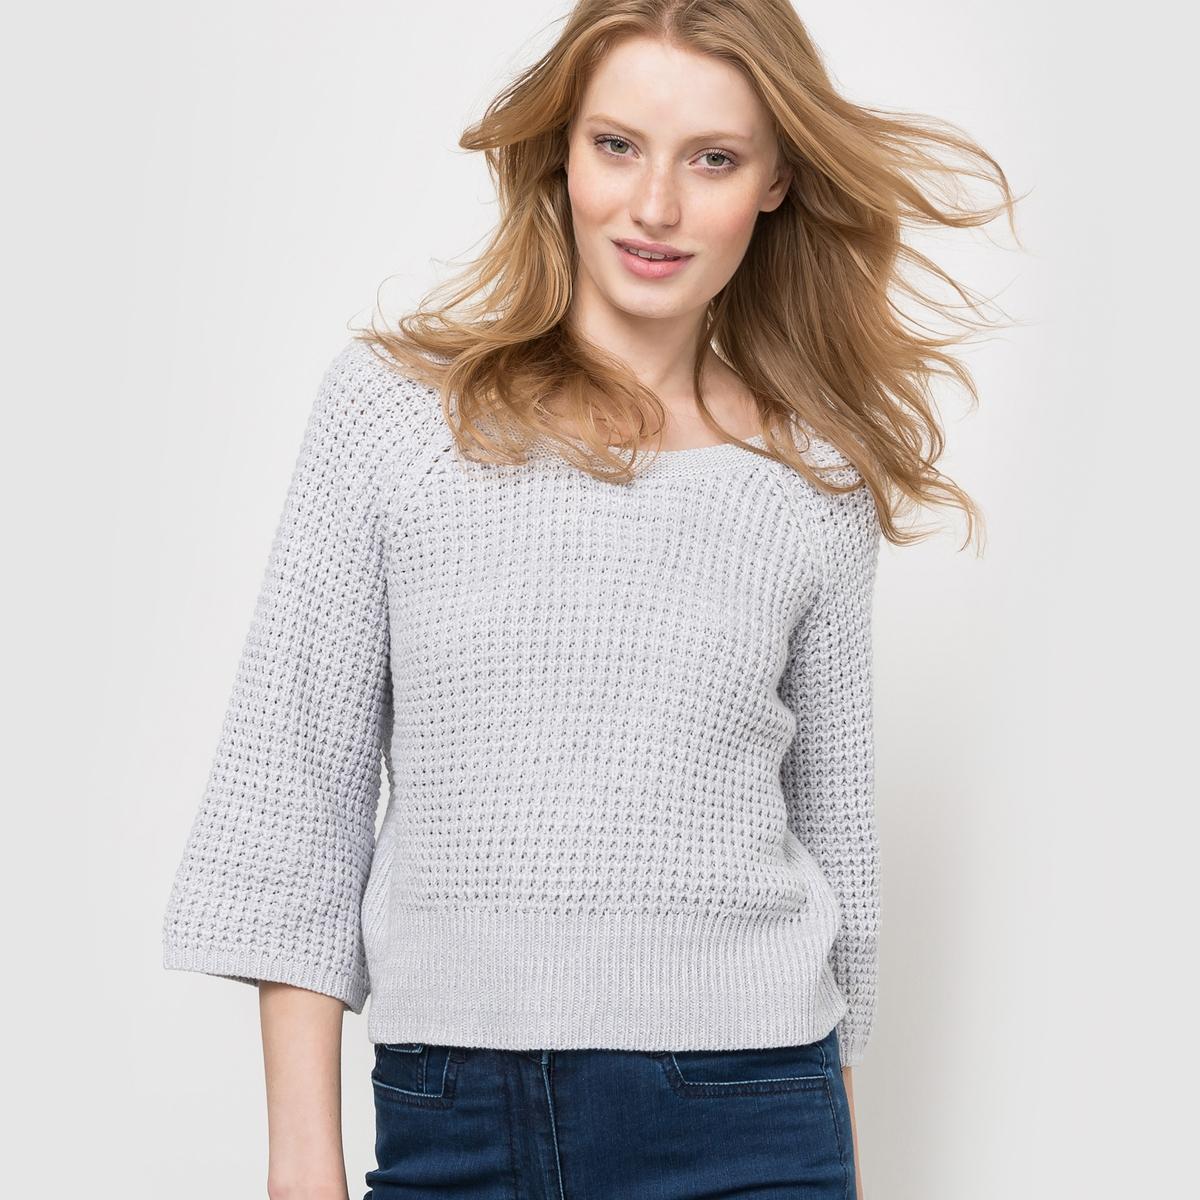 Пуловер короткий с вырезом сзадиКороткий пуловер из плотного трикотажа с вафельным переплетением. Глубокий V-образный вырез на спине, круглый вырез спереди. Широкие рукава 3/4. Края низа, выреза и рукавов связаны в широкий рубчик.Состав и описаниеМатериал : 40% акрила, 60% хлопкаДлина : 51 смУход Машинная стирка при 30 °С<br><br>Цвет: серый меланж